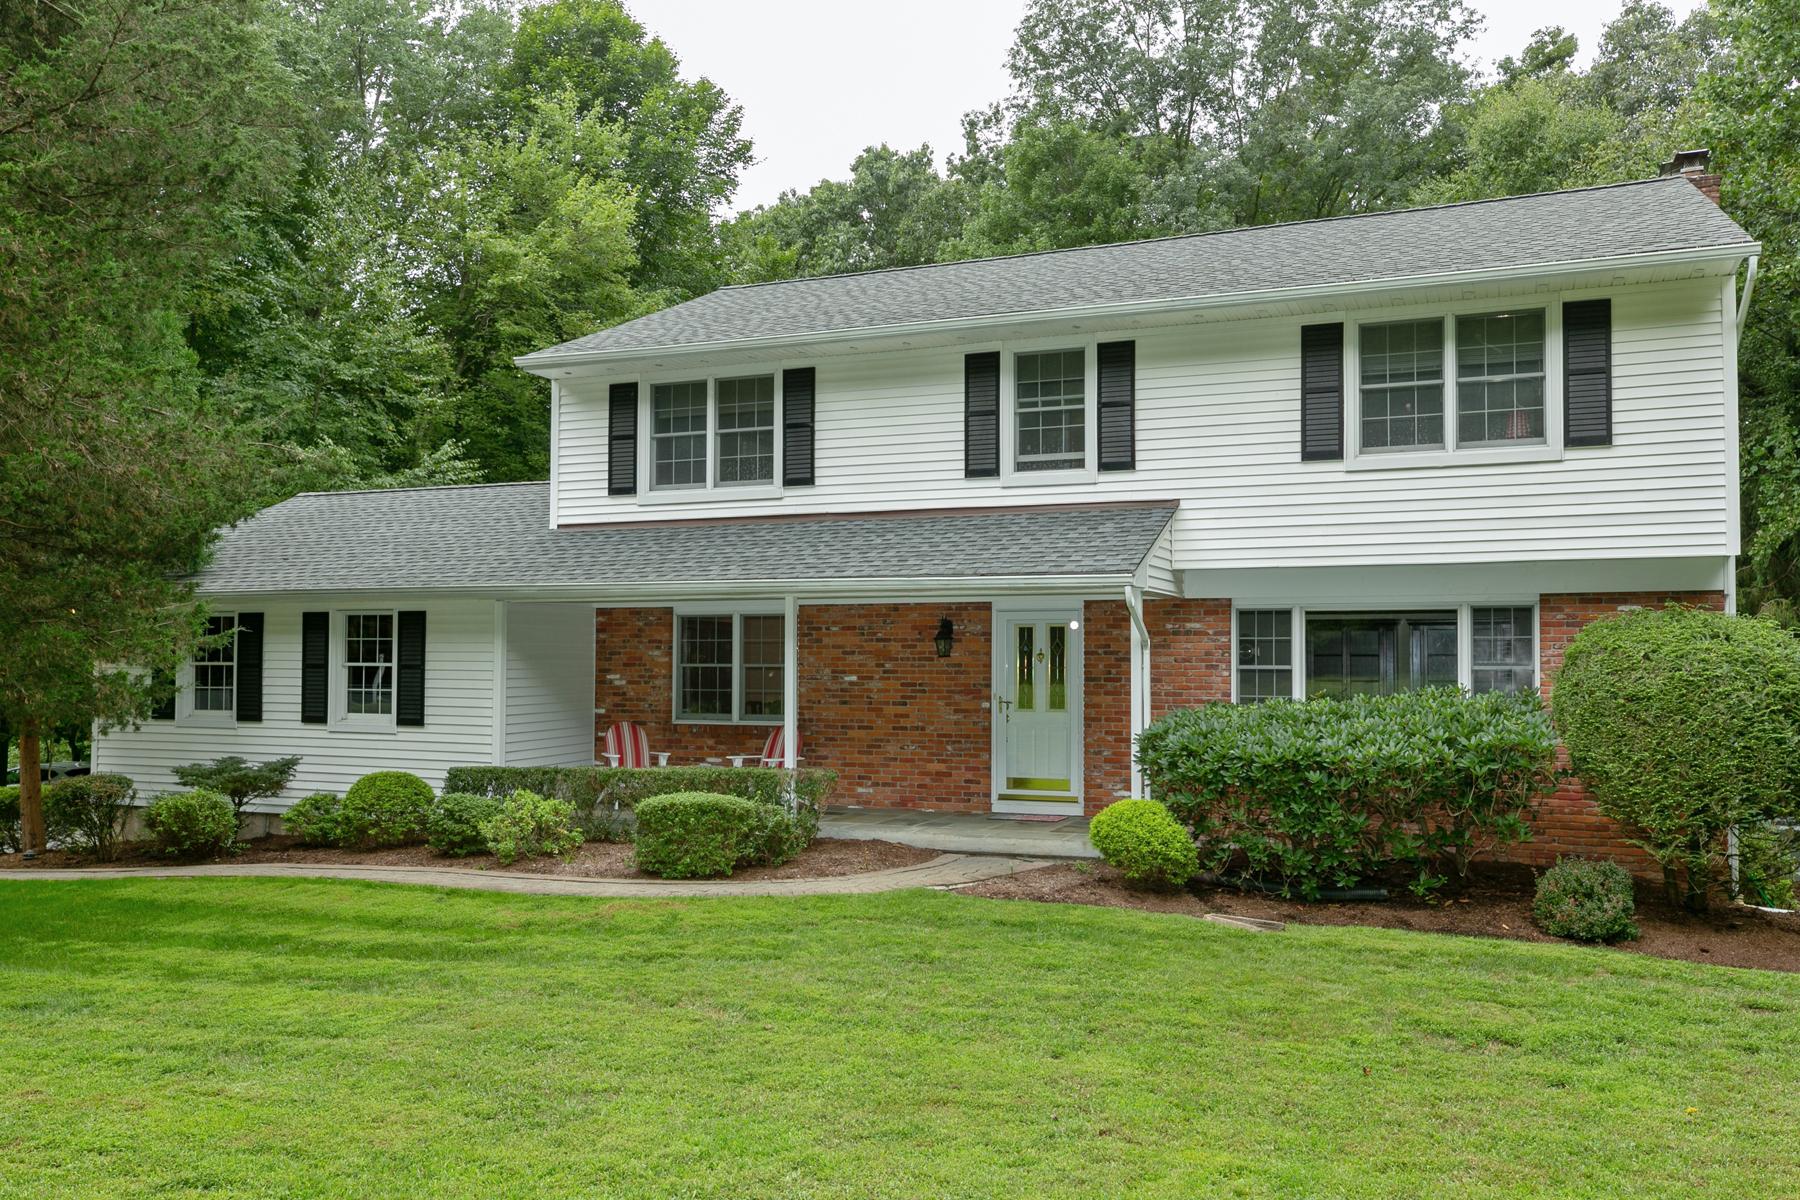 独户住宅 为 销售 在 Jan Ridge Gem 5 Jan Ridge Road 萨默斯, 纽约 10589 美国